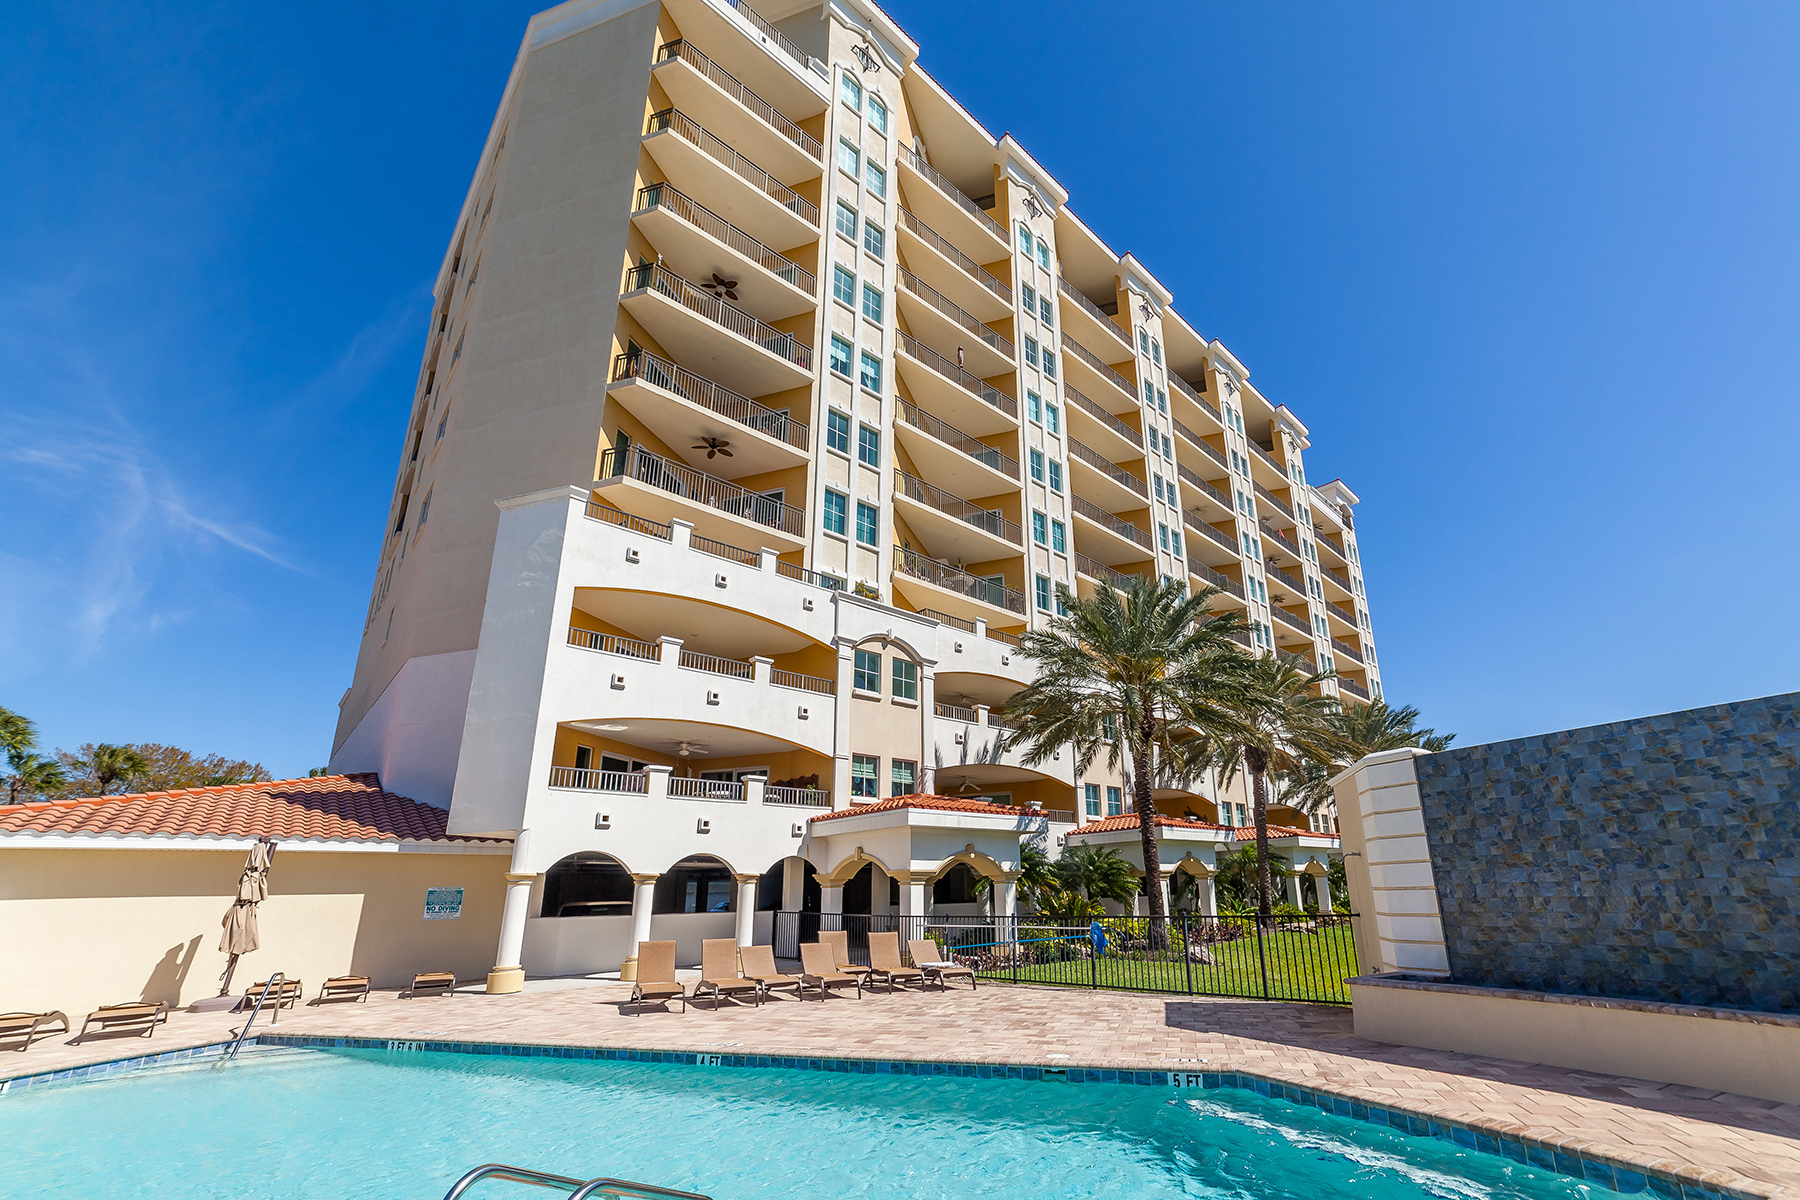 共管式独立产权公寓 为 销售 在 THE PALMS AT RIVIERA DUNES 501 Haben Blvd 503 帕尔梅托, 佛罗里达州, 34221 美国